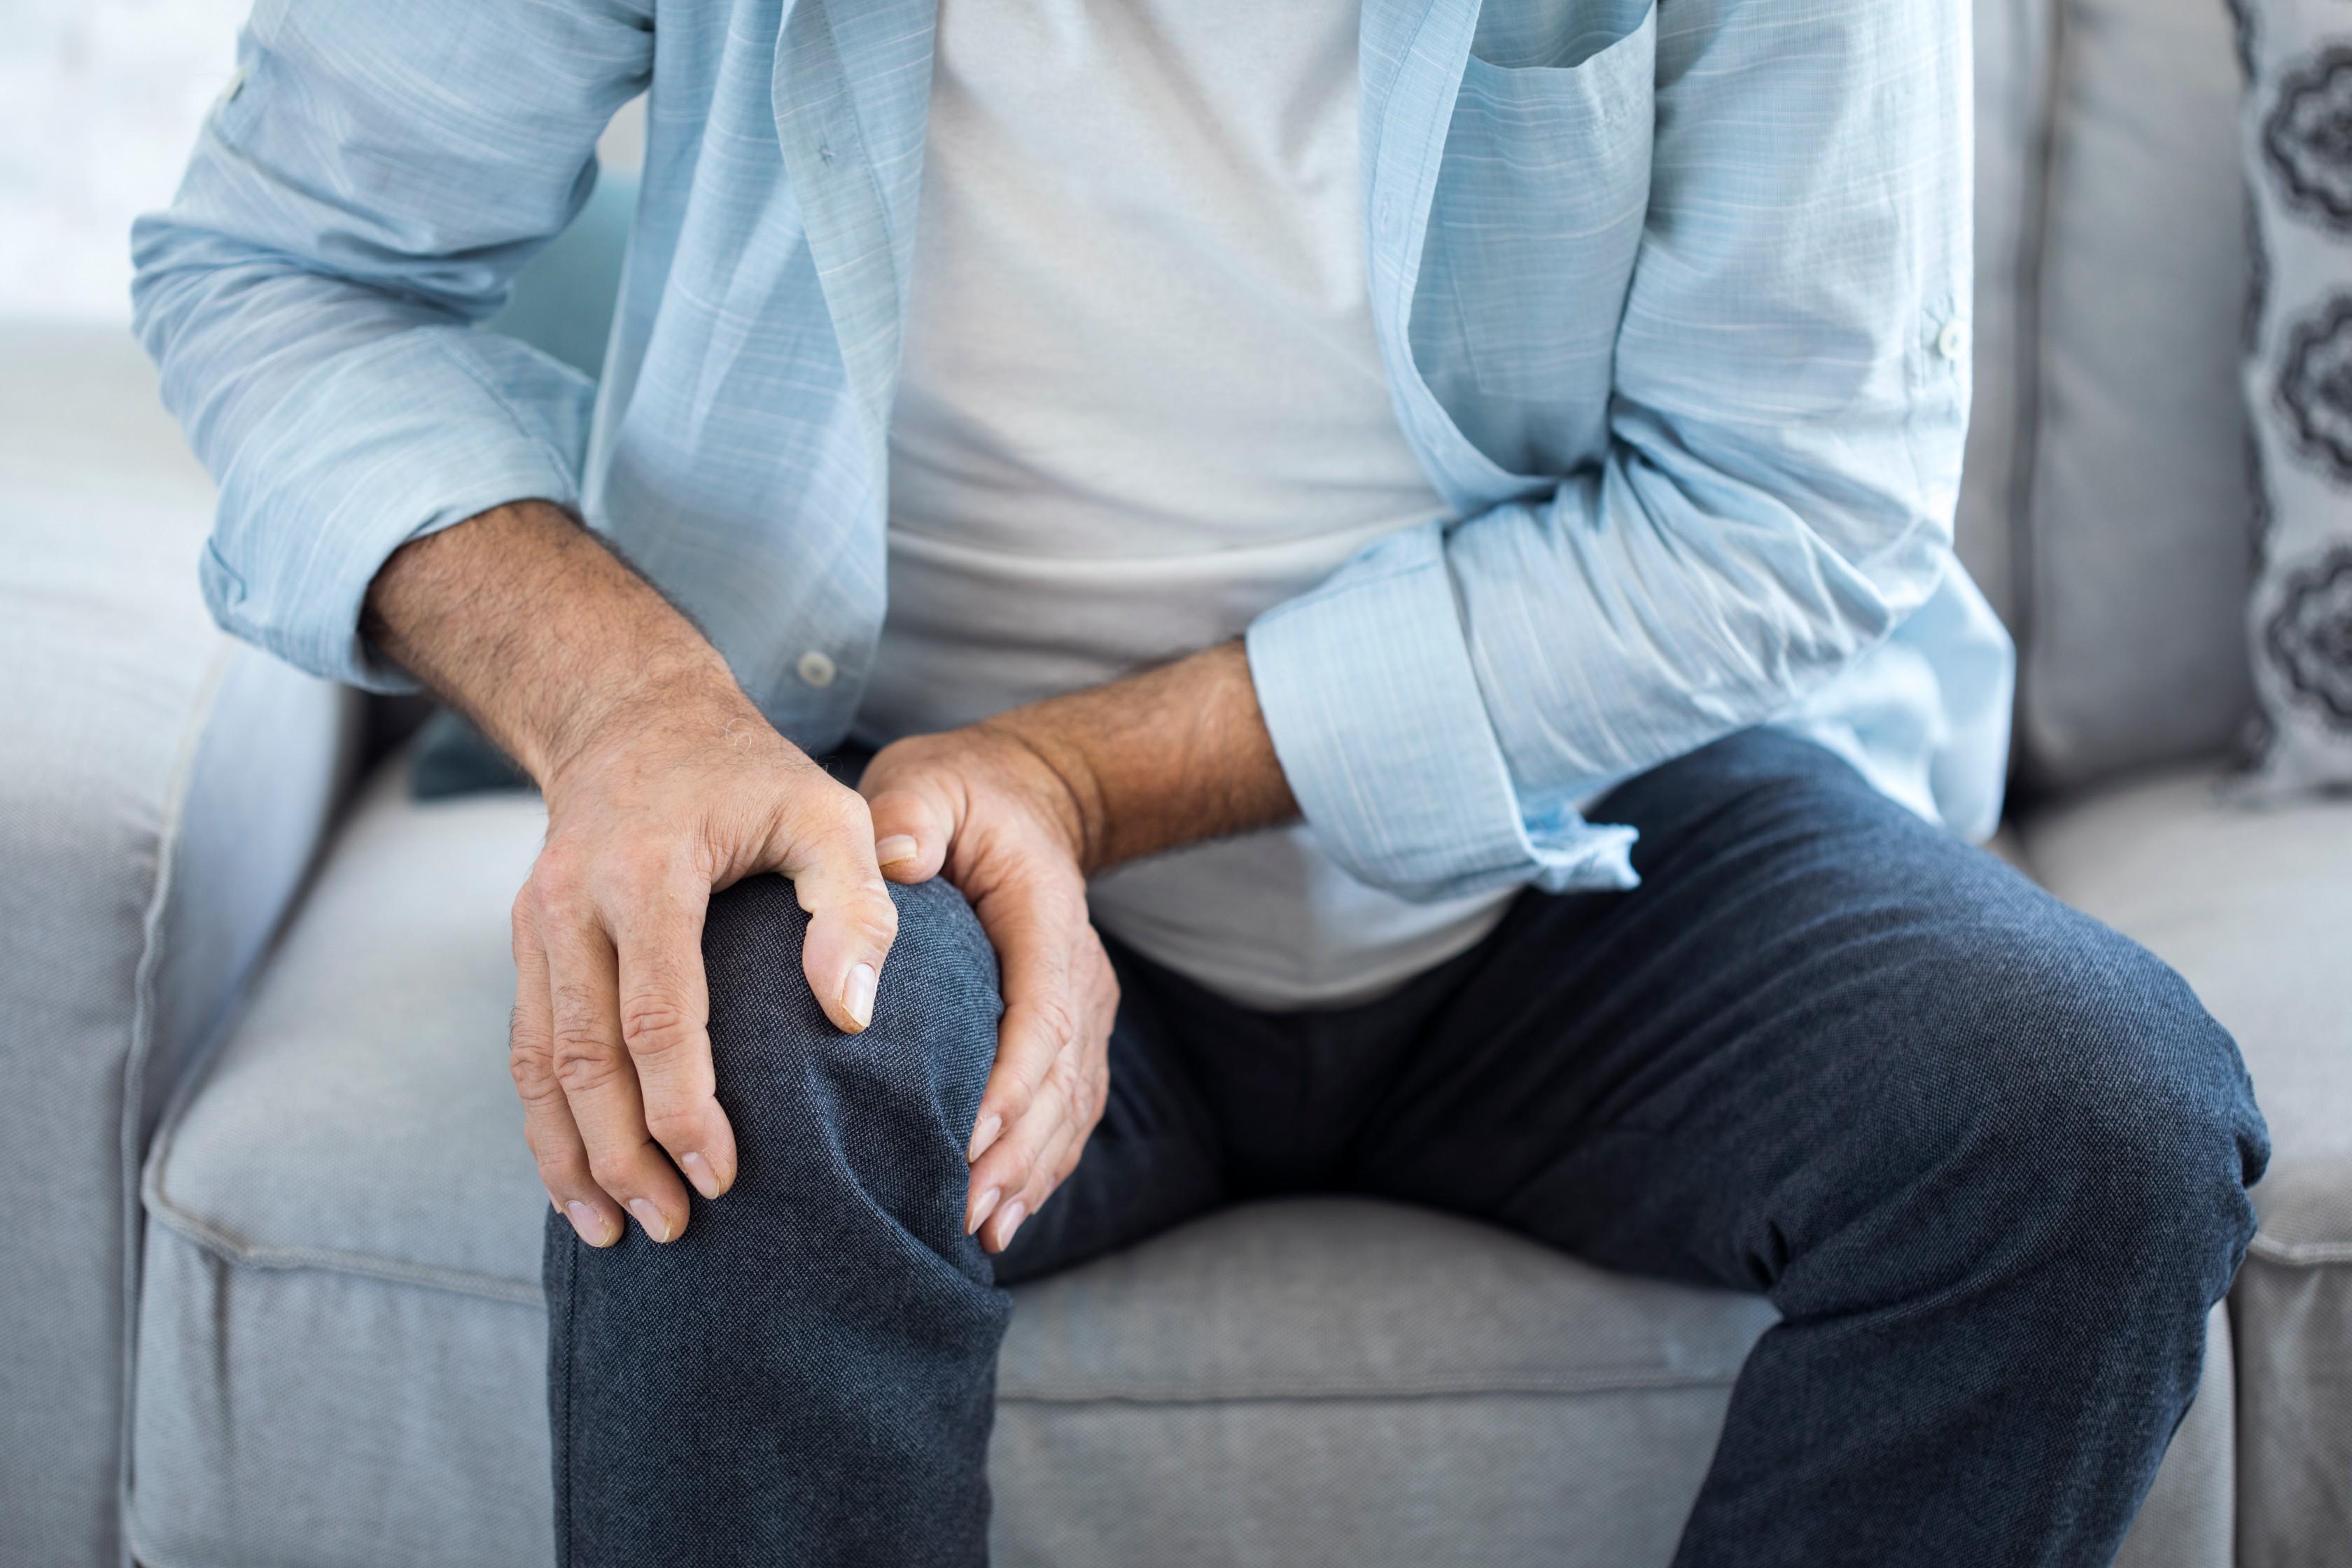 térdízületek nyikorog ízületi javítás sérülés után